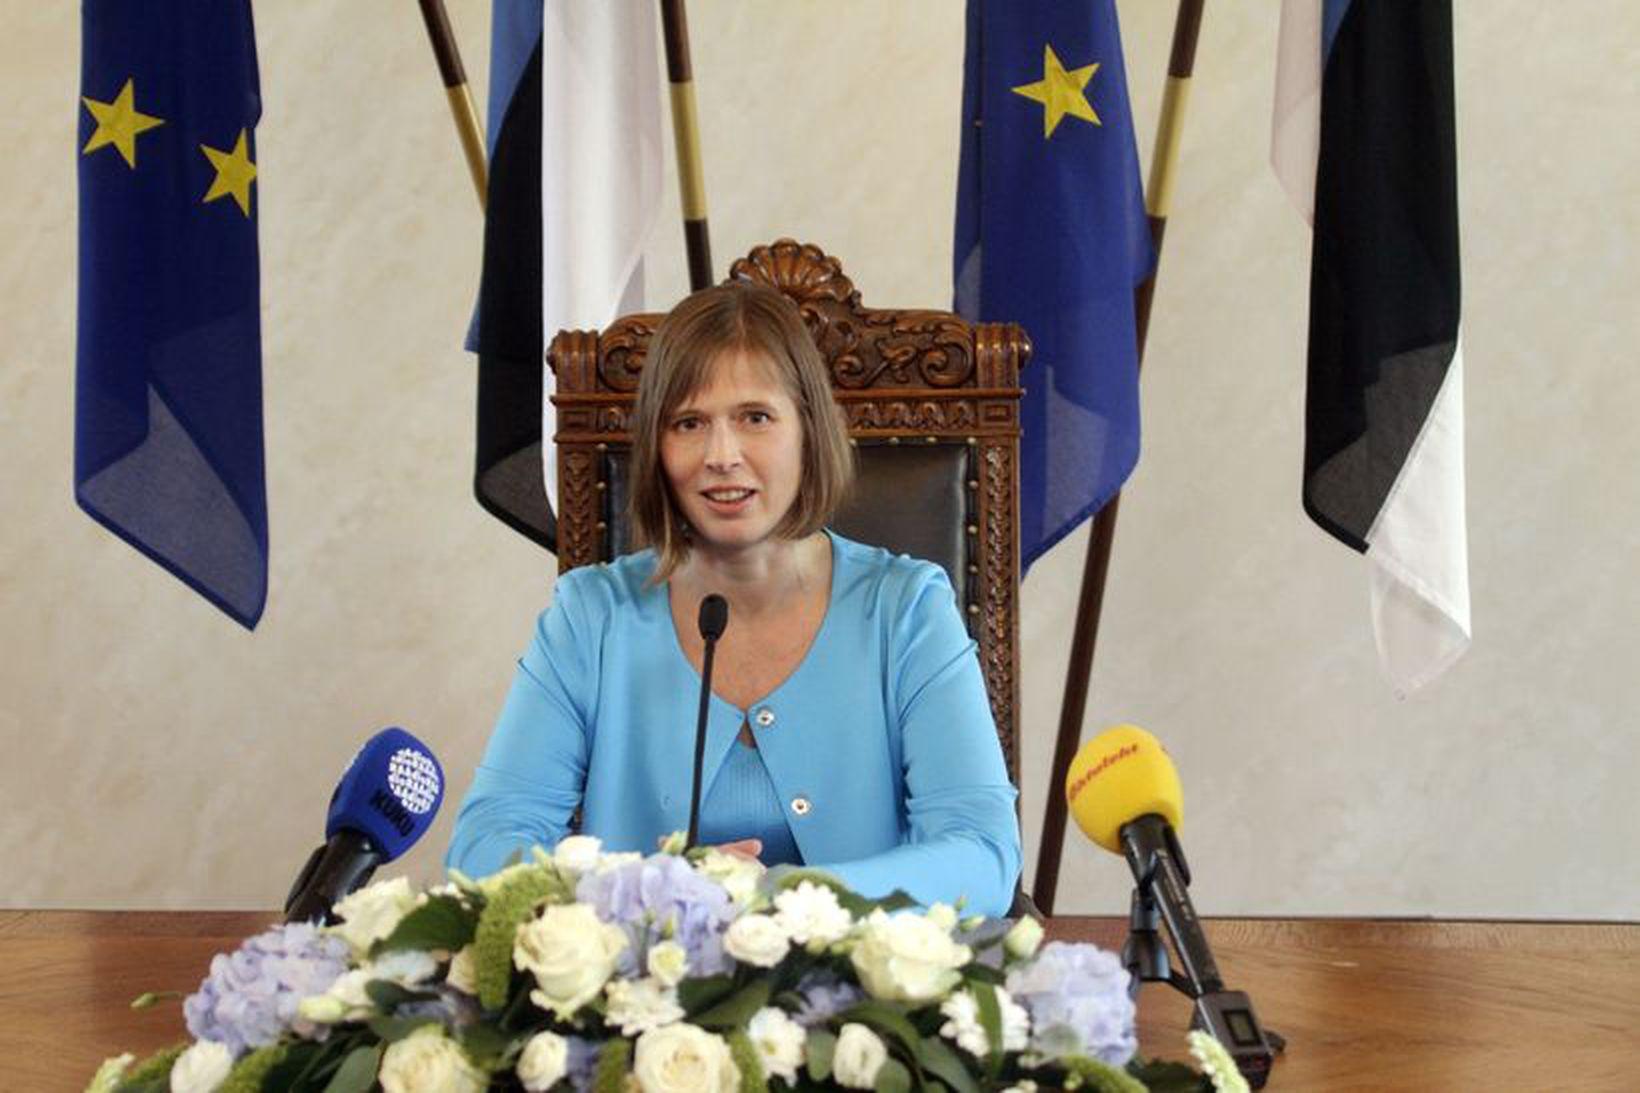 Kersti Kaljulaid er fyrsti kvenkyns forseti Eistlands.